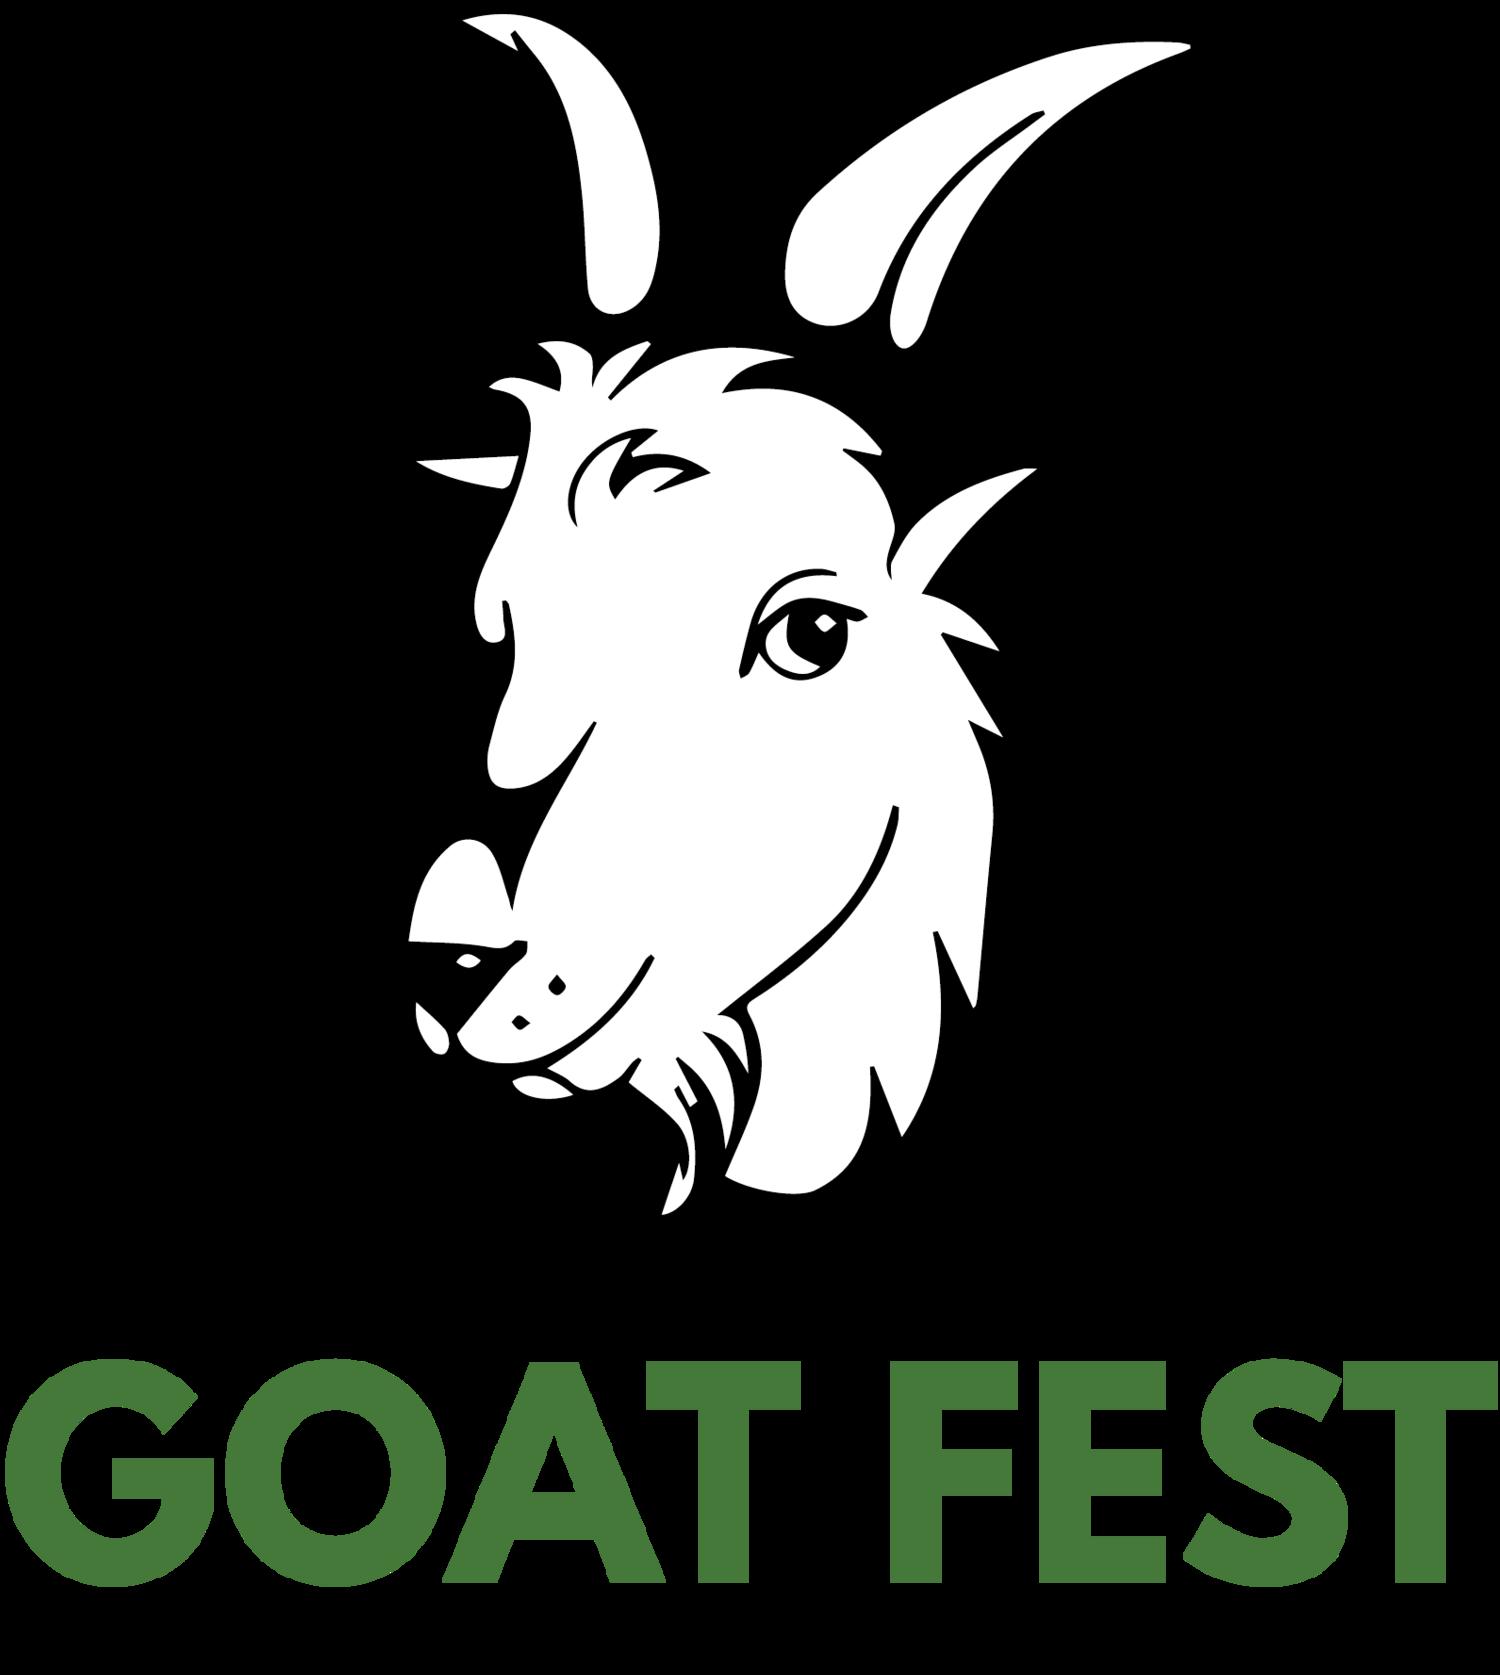 goat fest logo